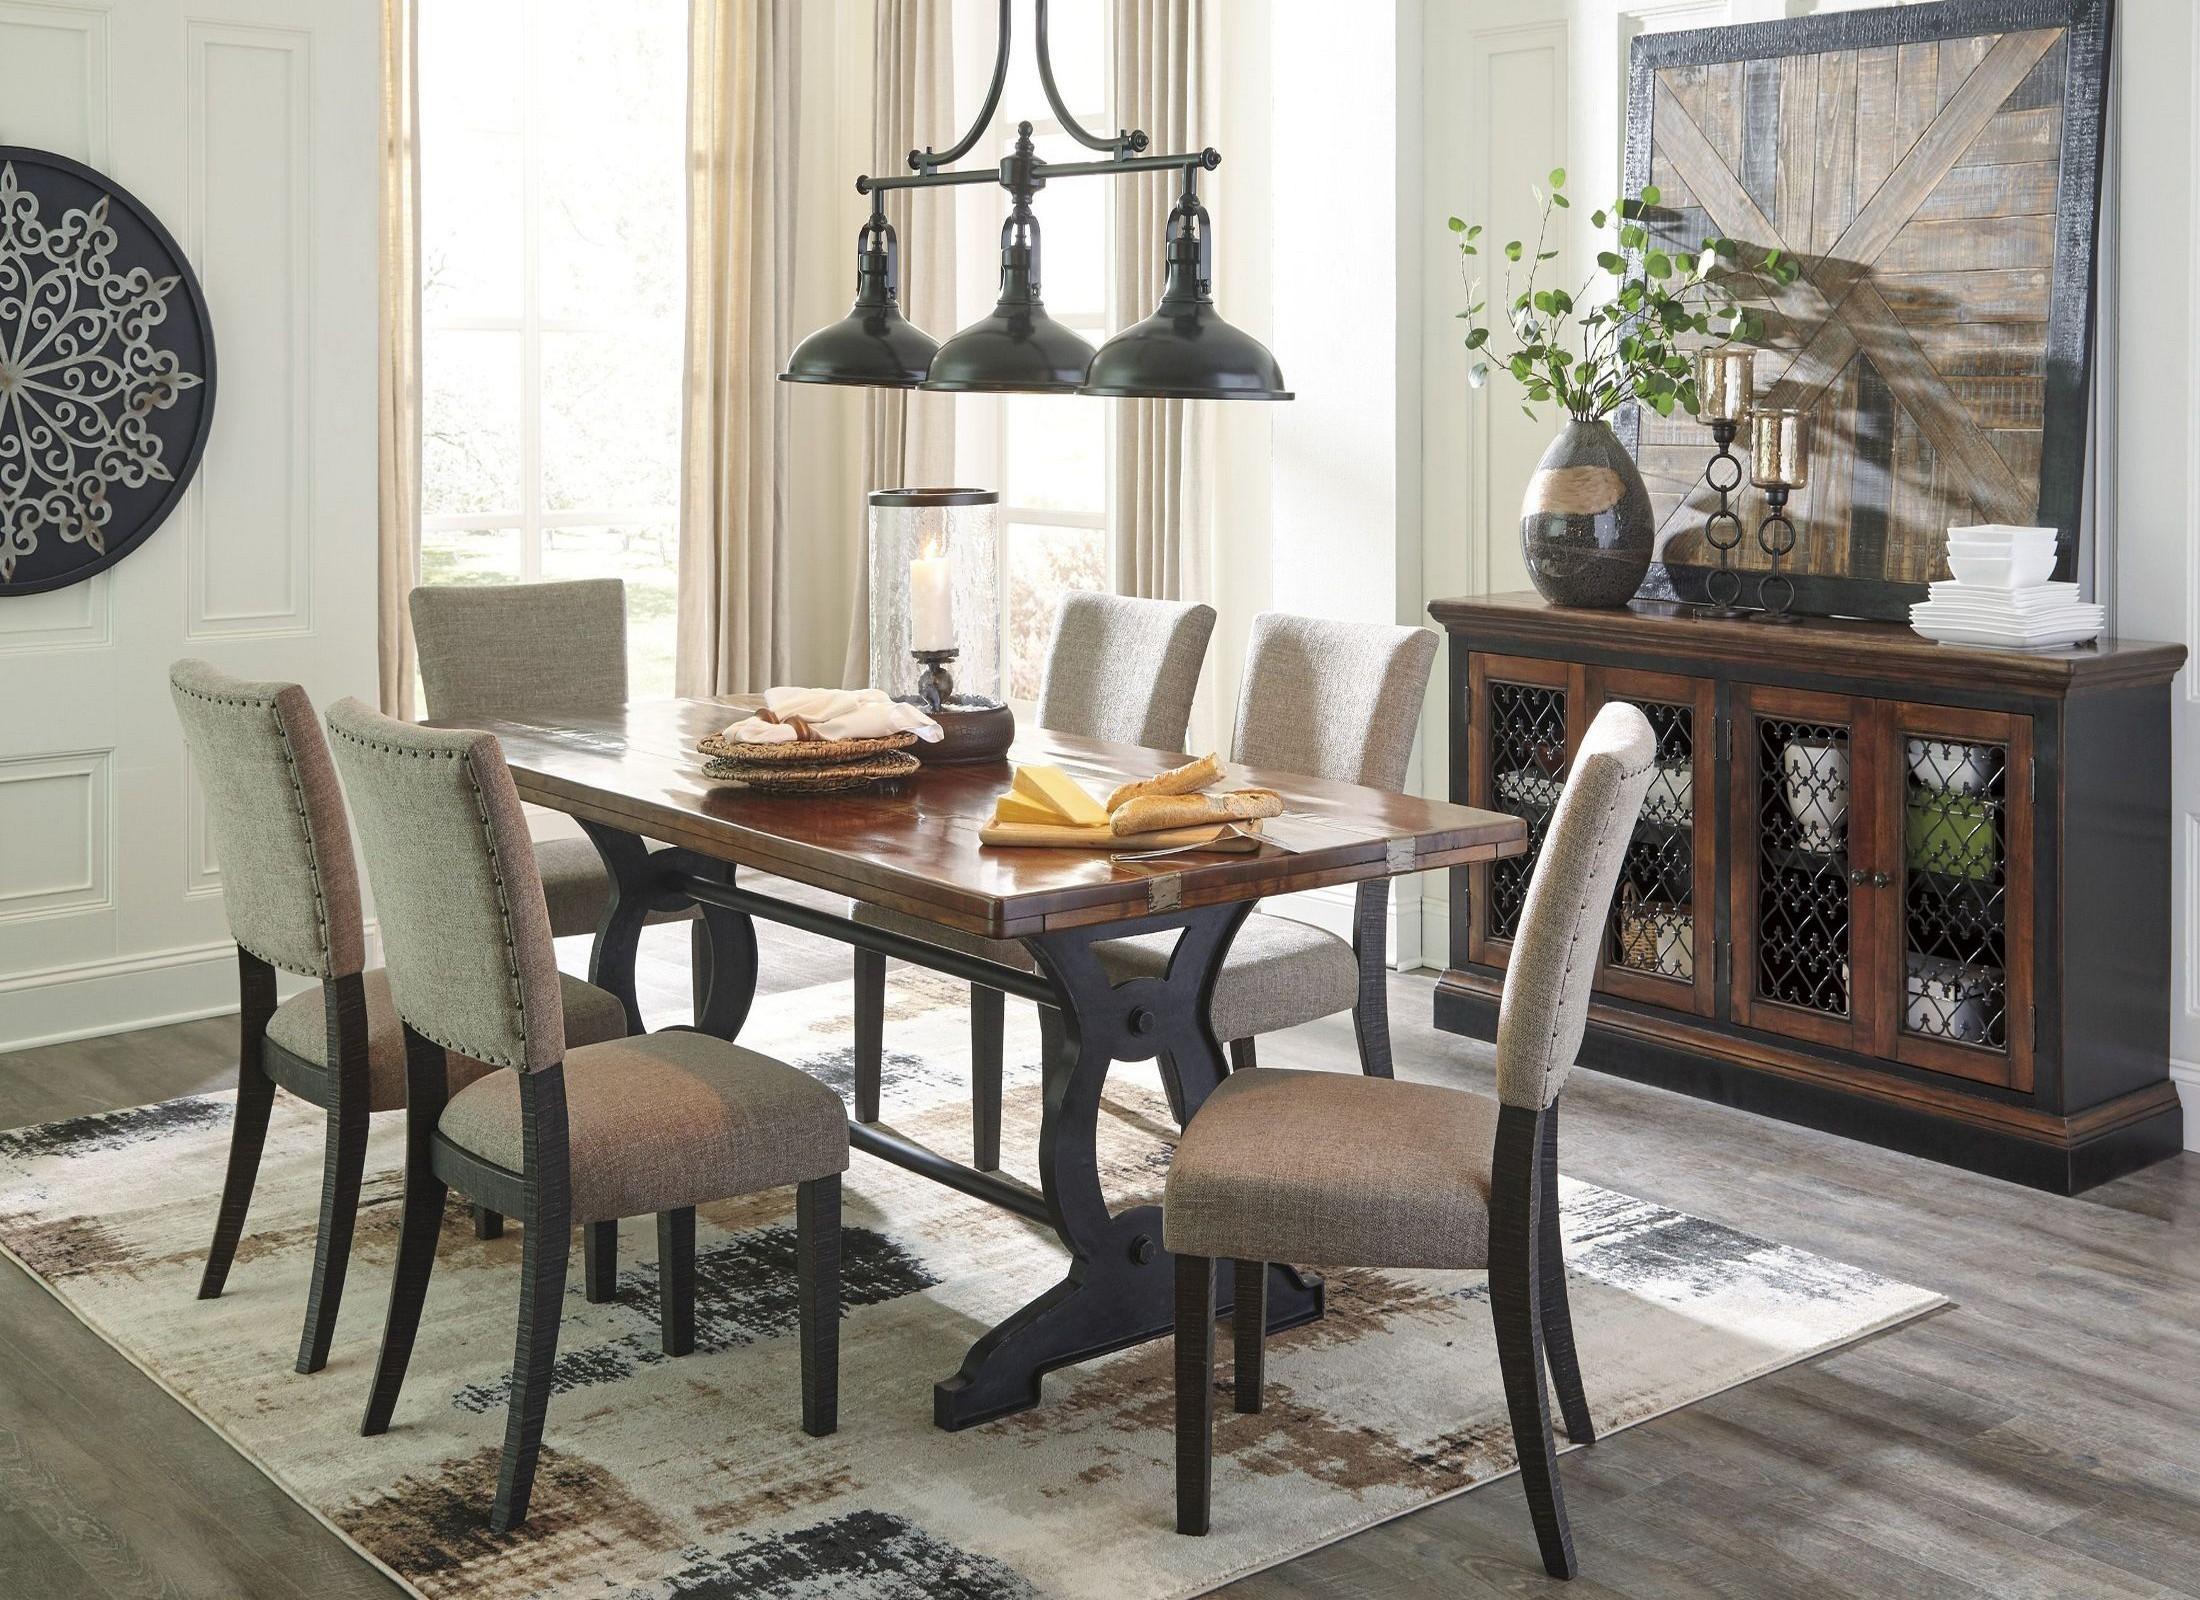 zurani brown and black rectangular dining room set from ashley coleman furniture. Black Bedroom Furniture Sets. Home Design Ideas